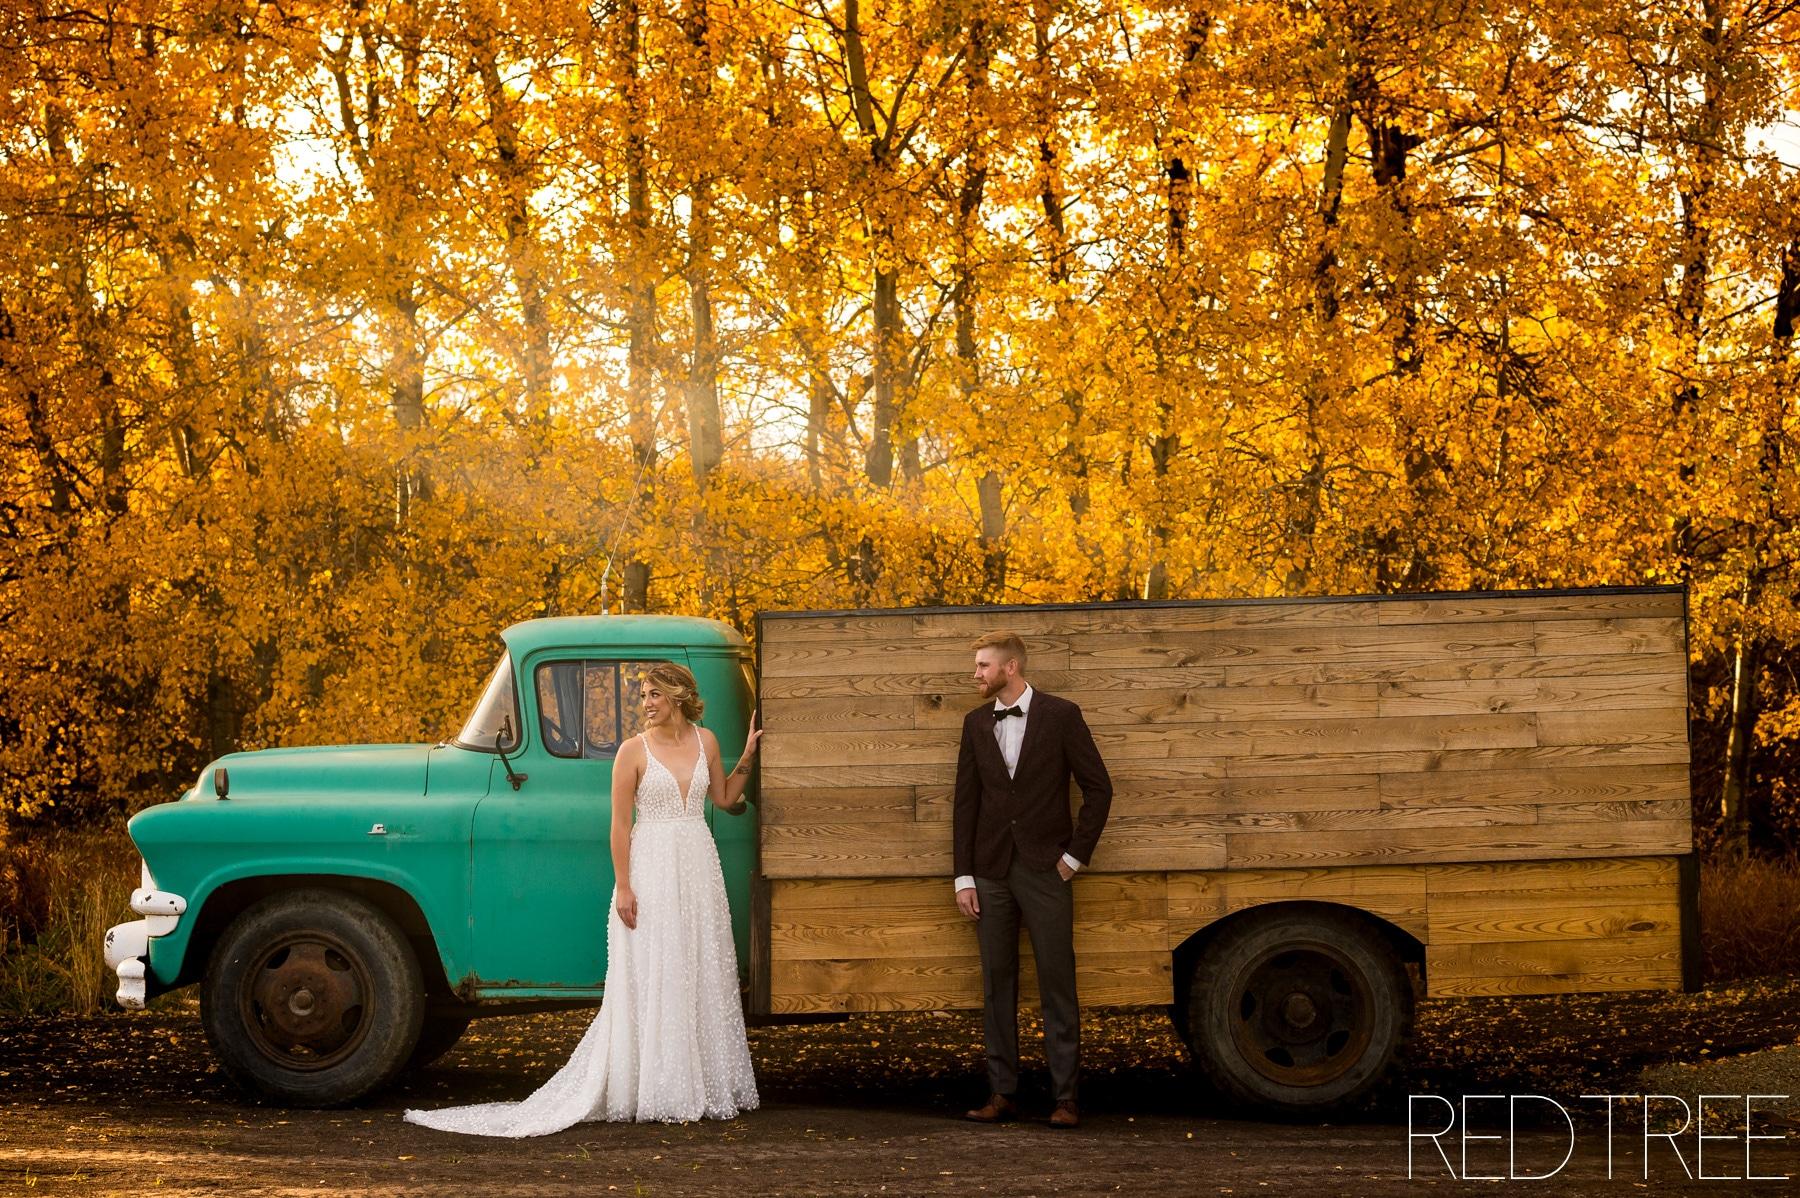 Canopy Creek Ranch Wedding Venue: Edmonton's Newest Wedding Venue